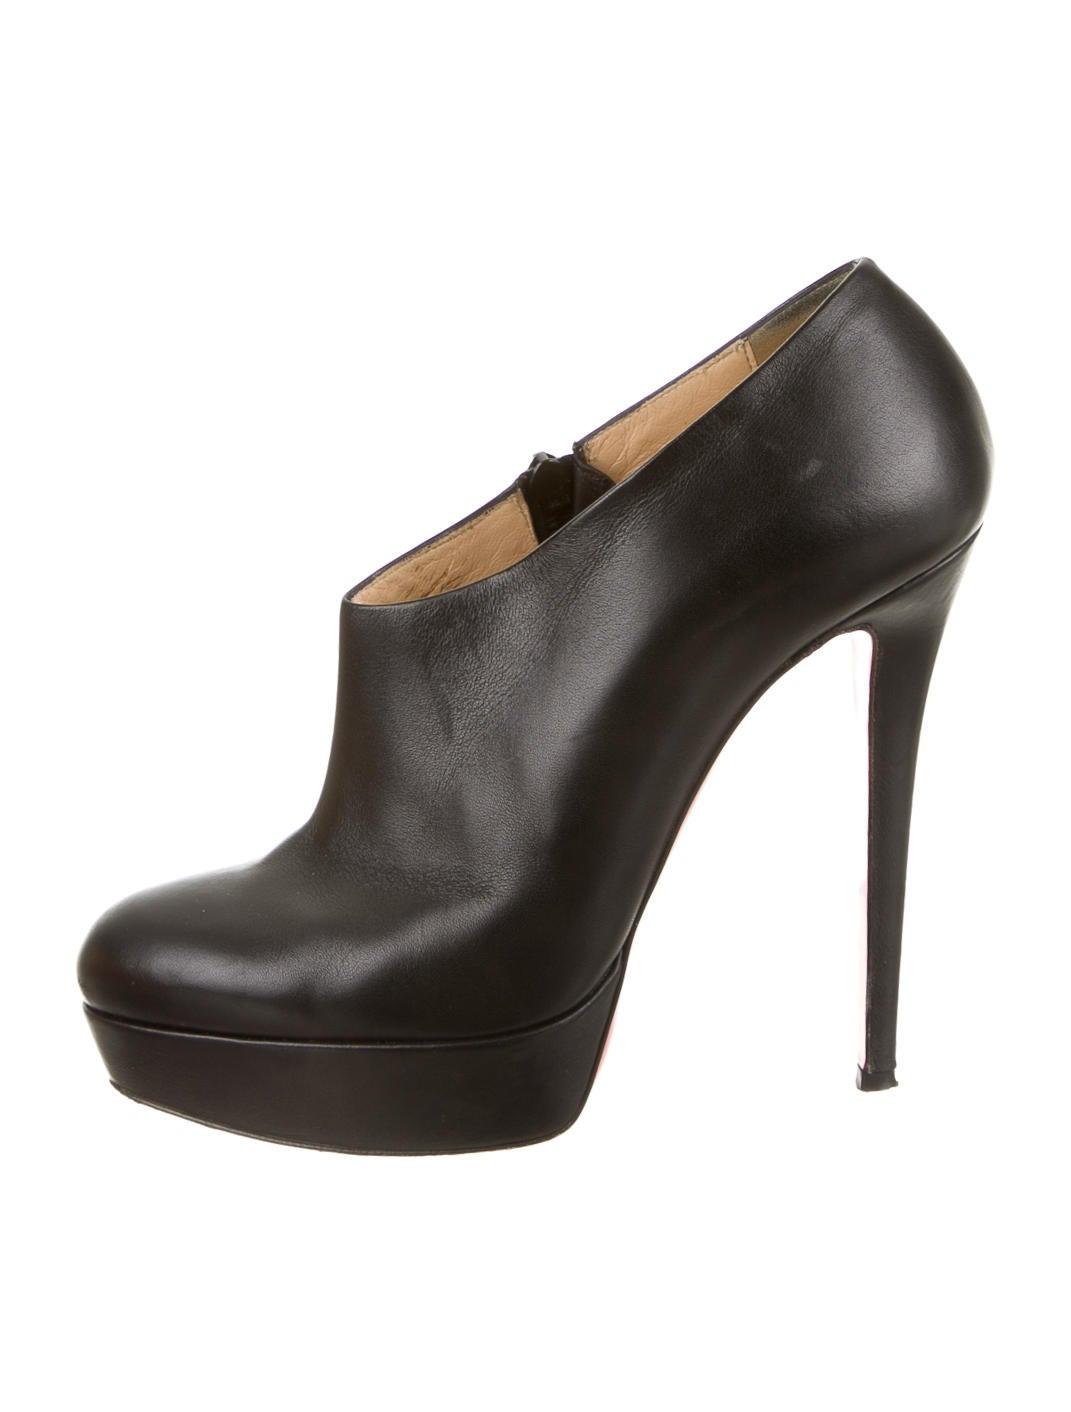 abf9d0d8e83 Artesur » christian louboutin Moulage platform booties Black leather ...